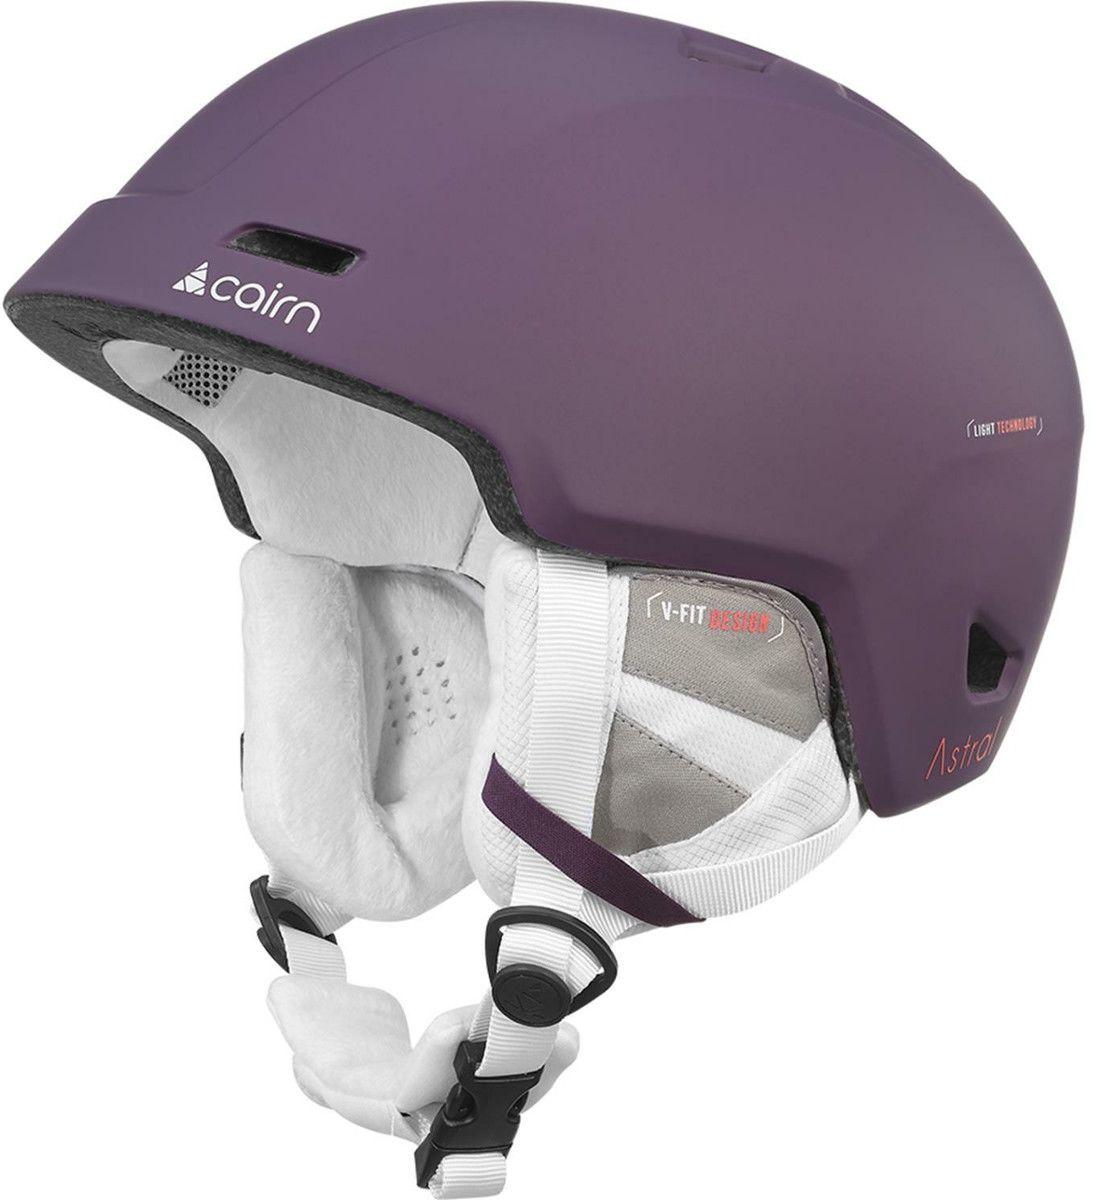 CAIRN kask zimowy narciarski/snowboardowy ASTRAL fioletowy Rozmiar: 57-58,060614023